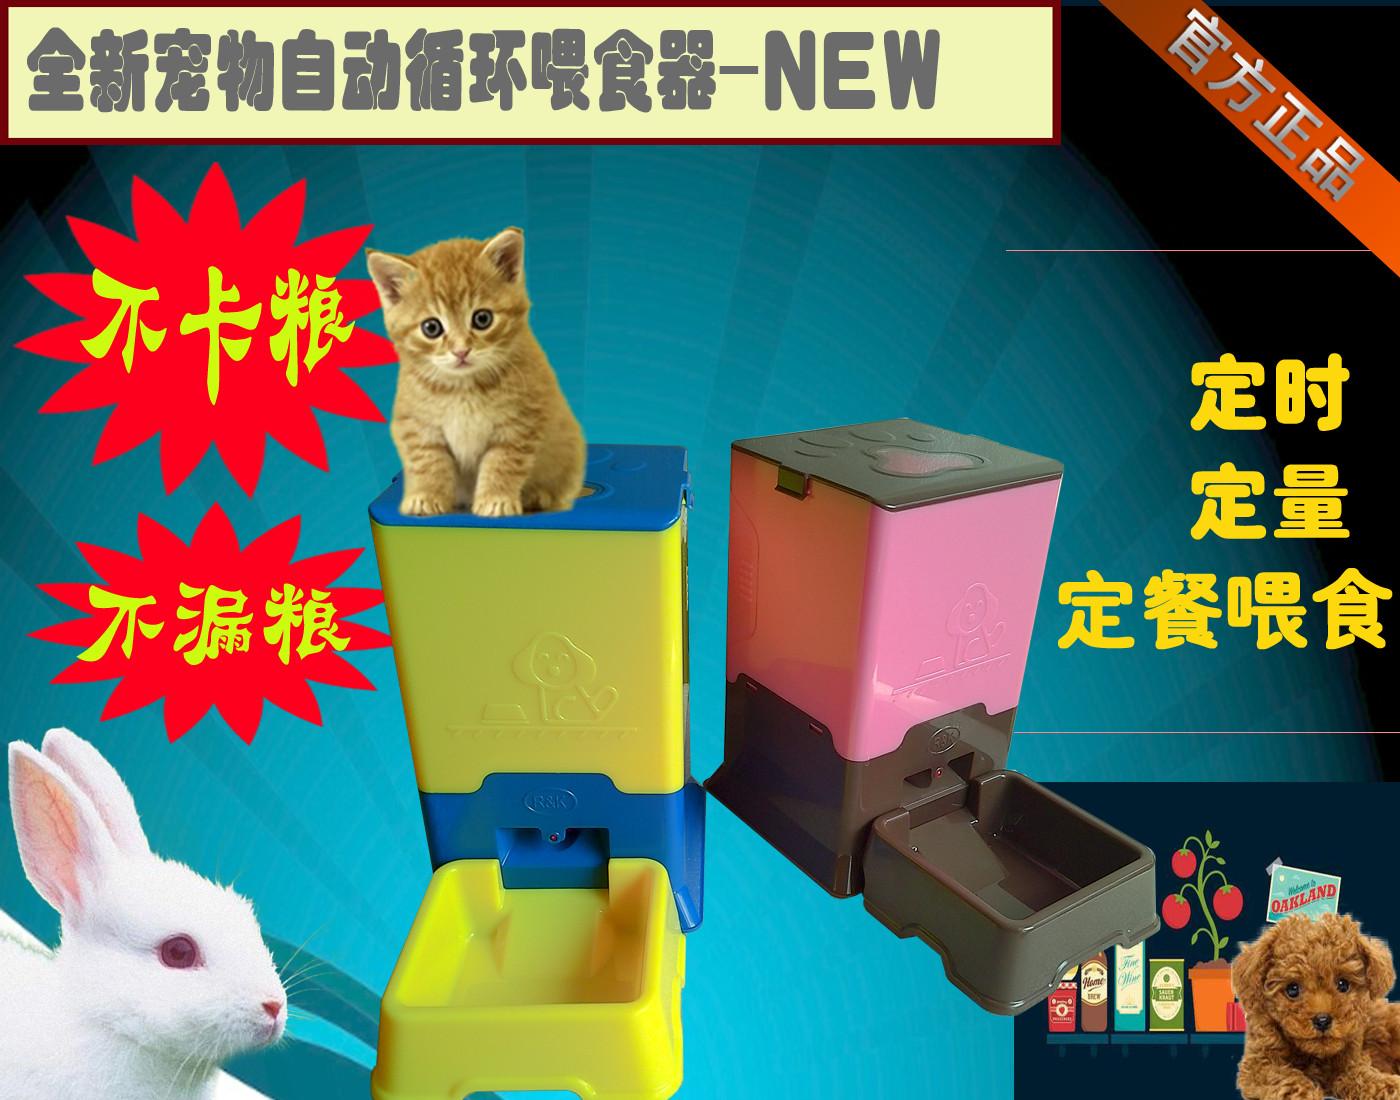 Домашнее животное автоматическая кормление устройство бассейн чаша молодой собака кот кролик собака синхронизация фиксированный количество кормление машинально литье еда устройство тедди соотношение медведь